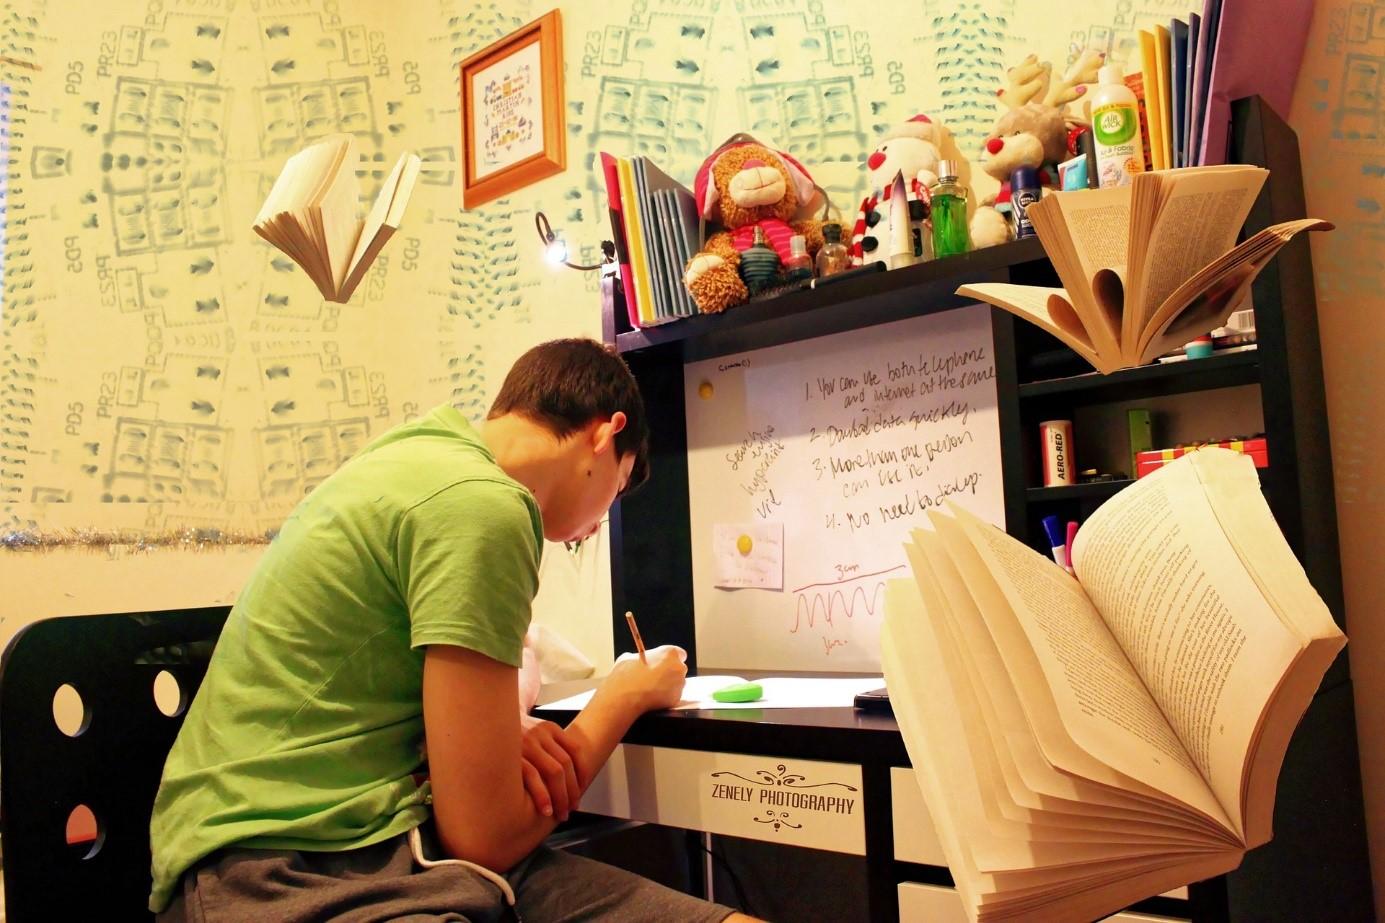 Sjajni načini da uštedite vrijeme i povećate produktivnost